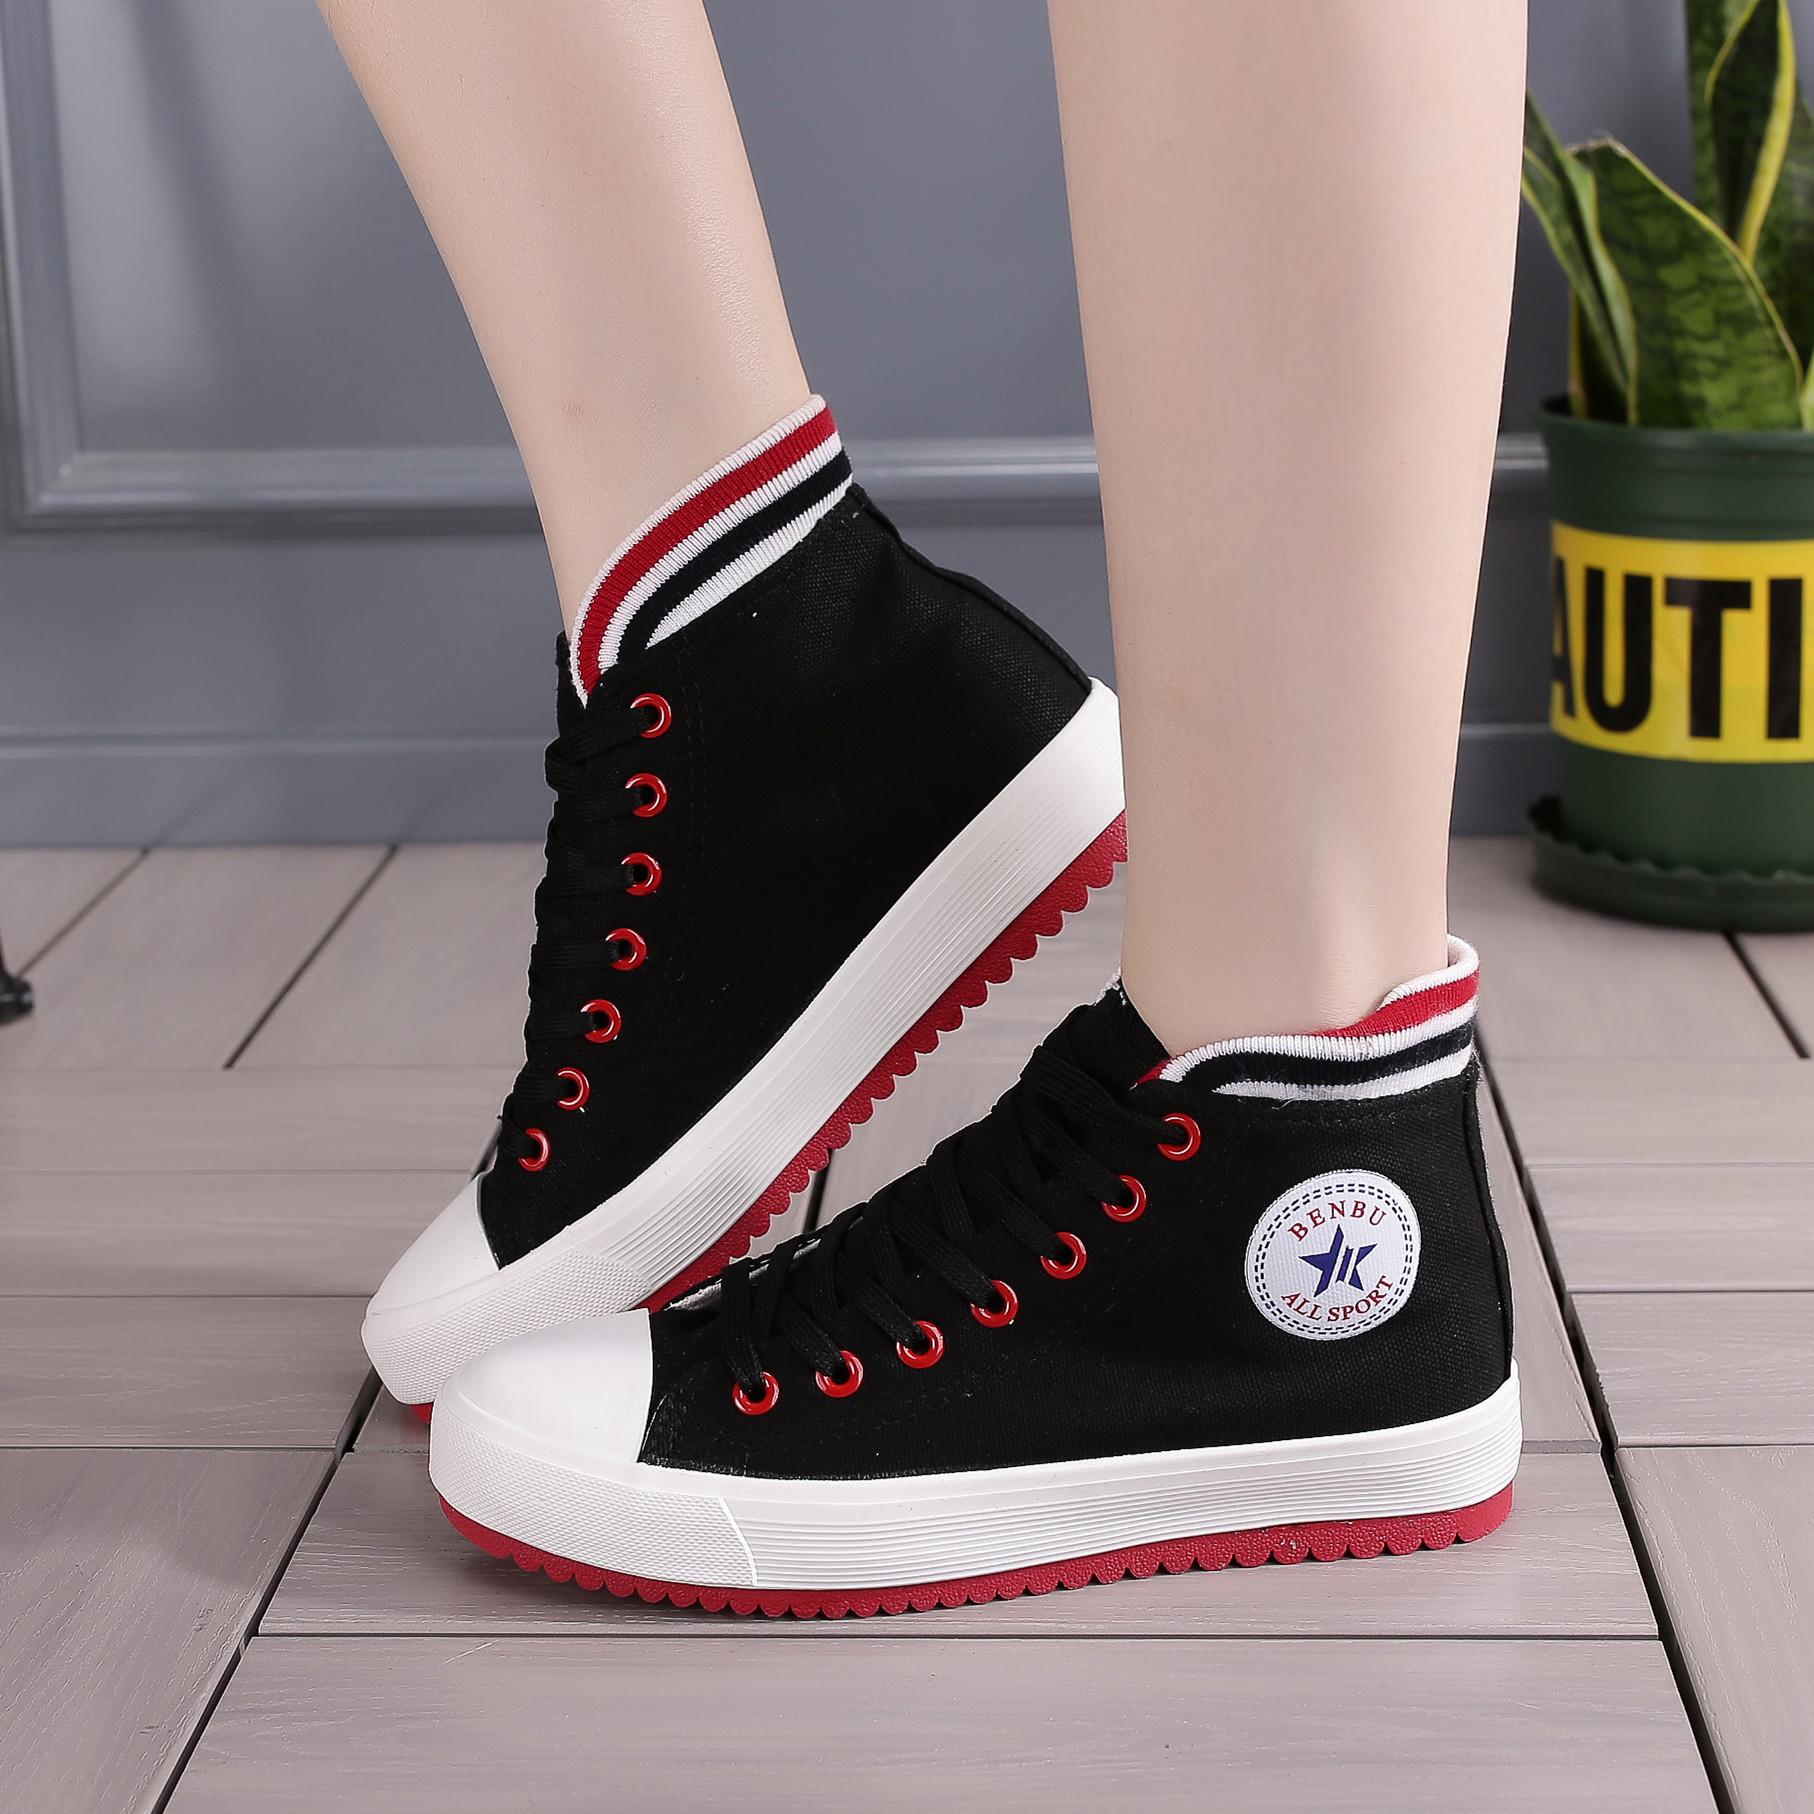 新韩版休闲鞋彩条高帮帆布鞋薄底运动板鞋纯色女布鞋